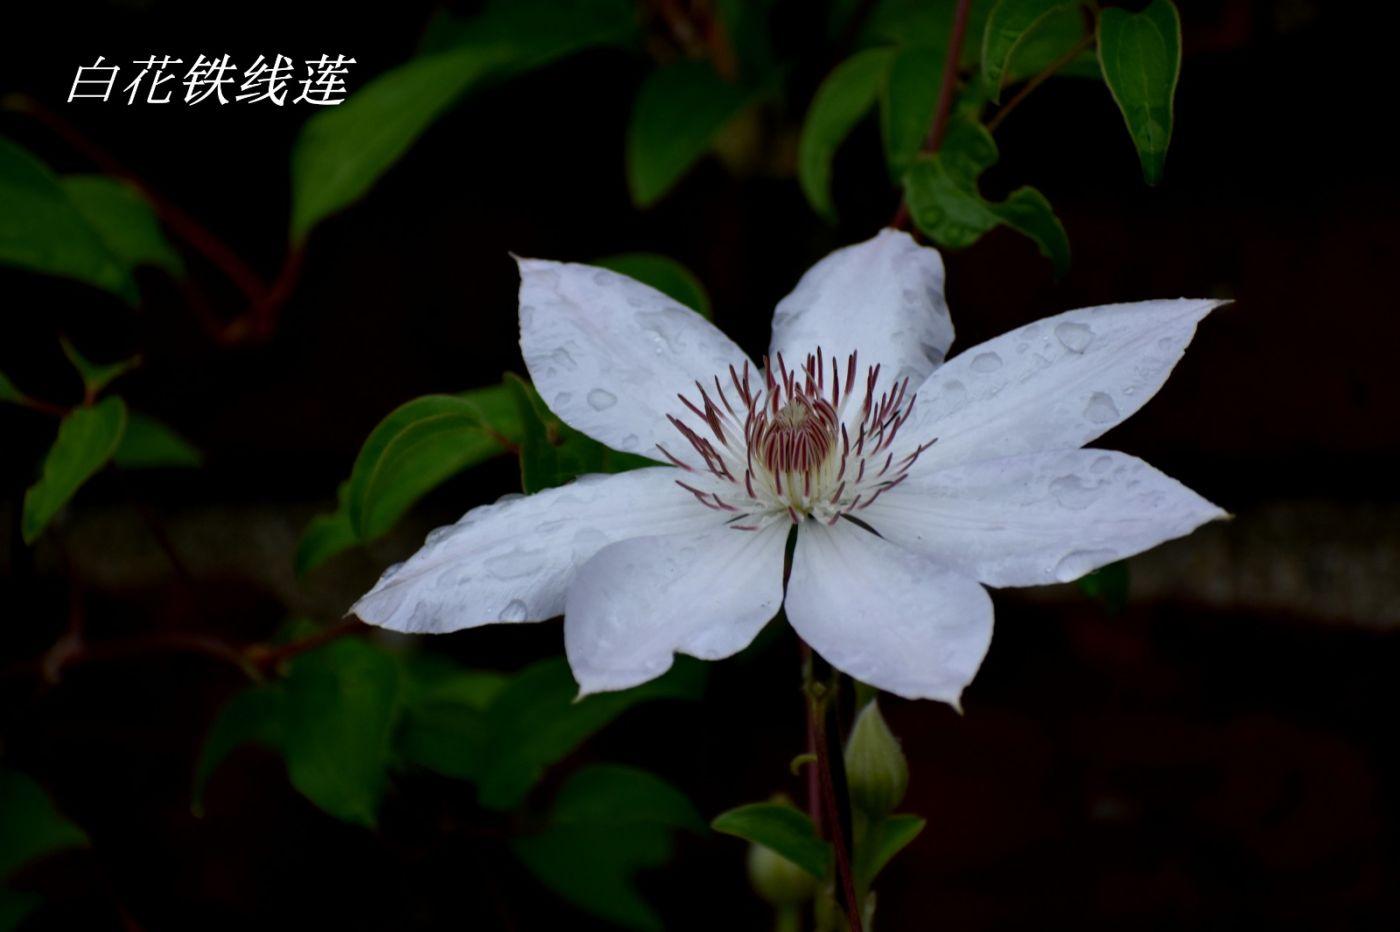 花草图谱 (2)_图1-6